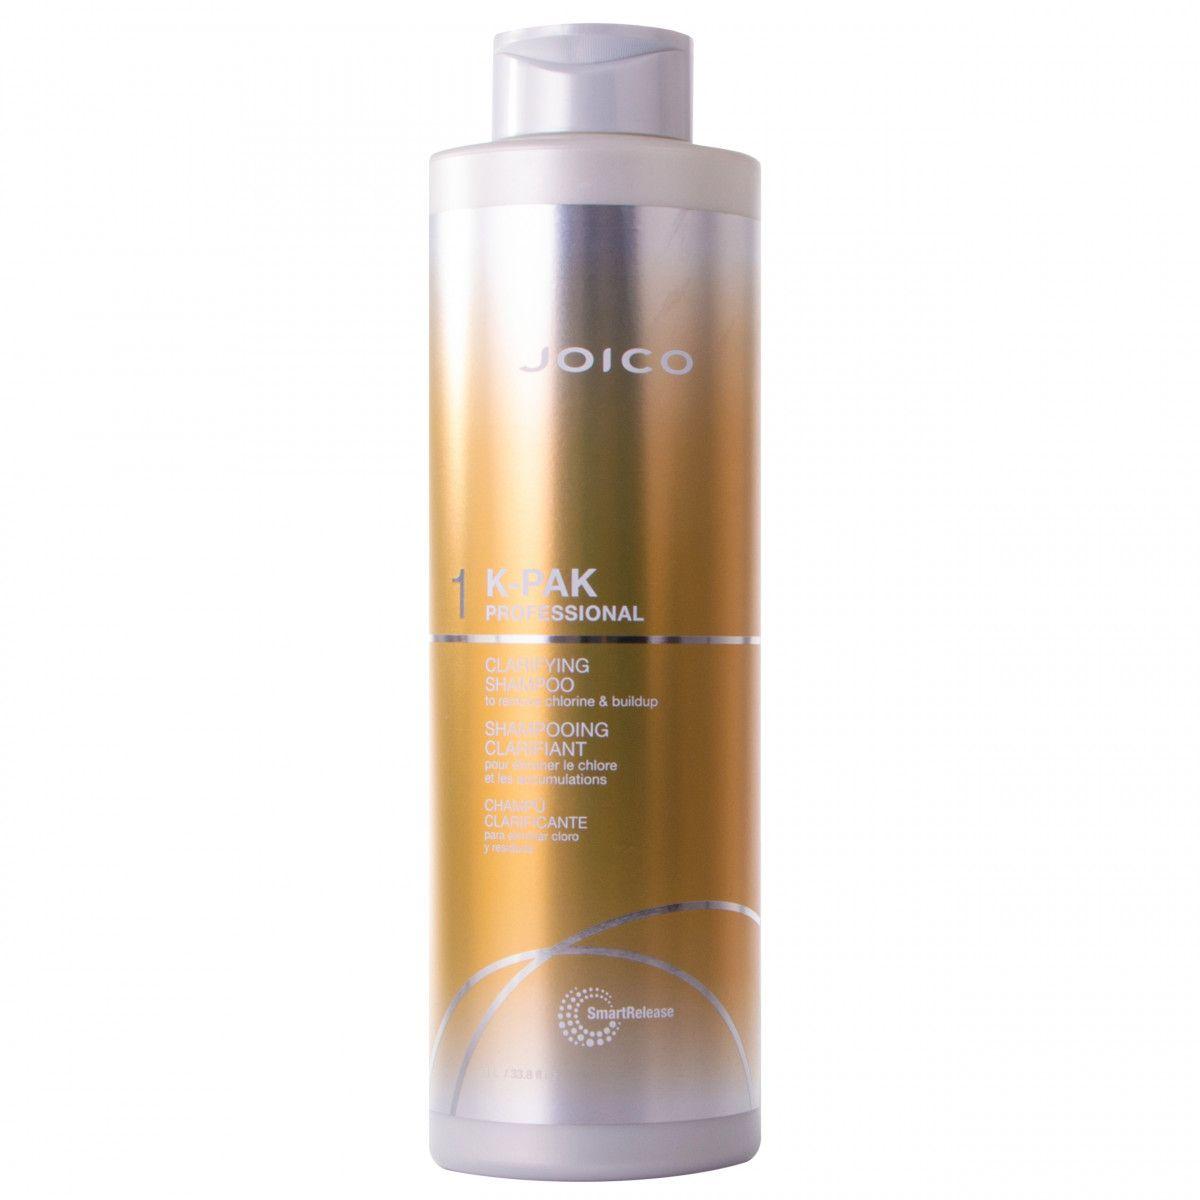 Joico K-Pak Clarifying Szampon oczyszczający włosy 1000 ml